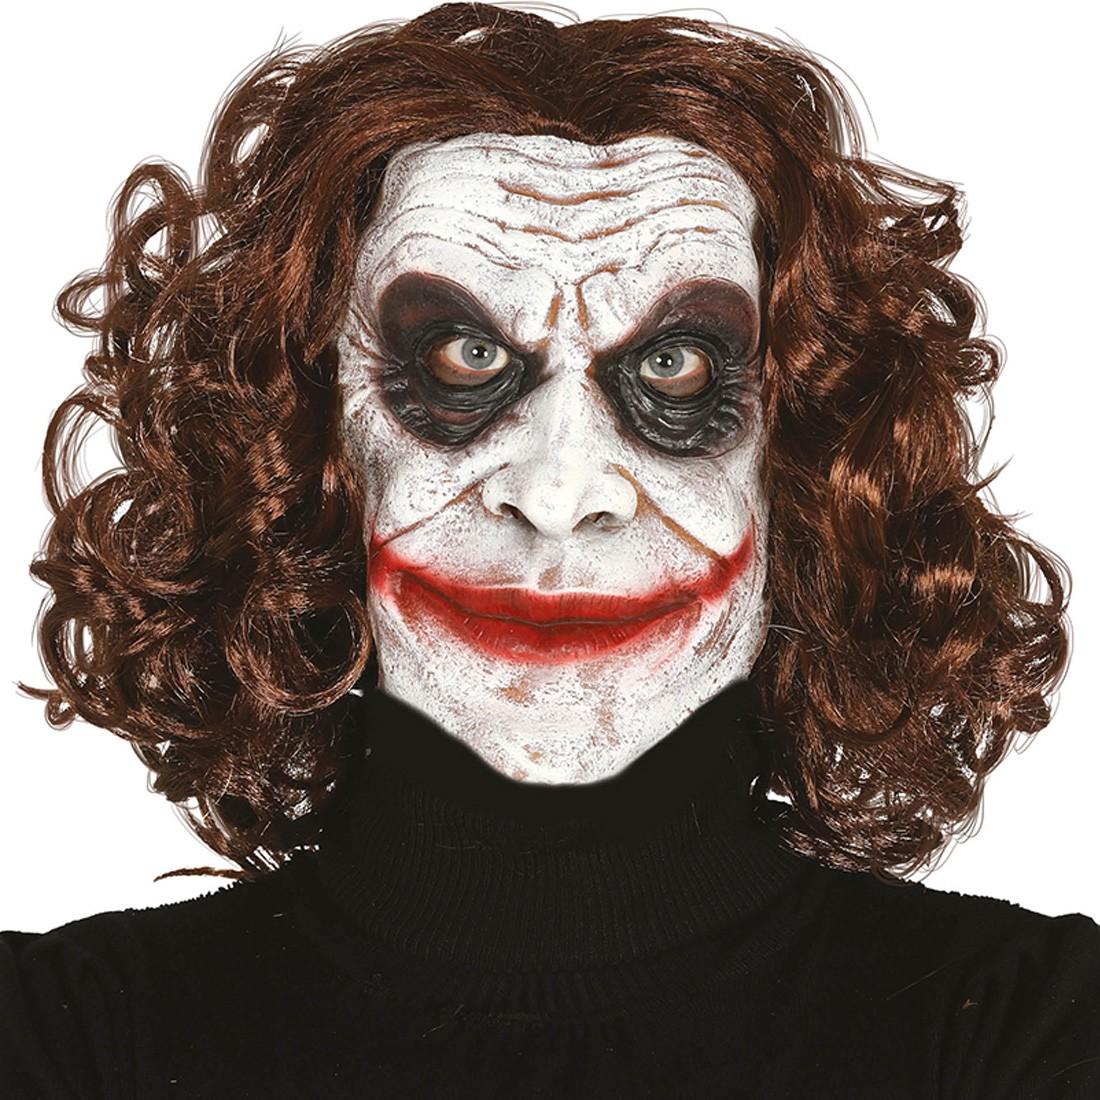 Killerclown Joker Maske Horrormaske Boser Clown 12 49